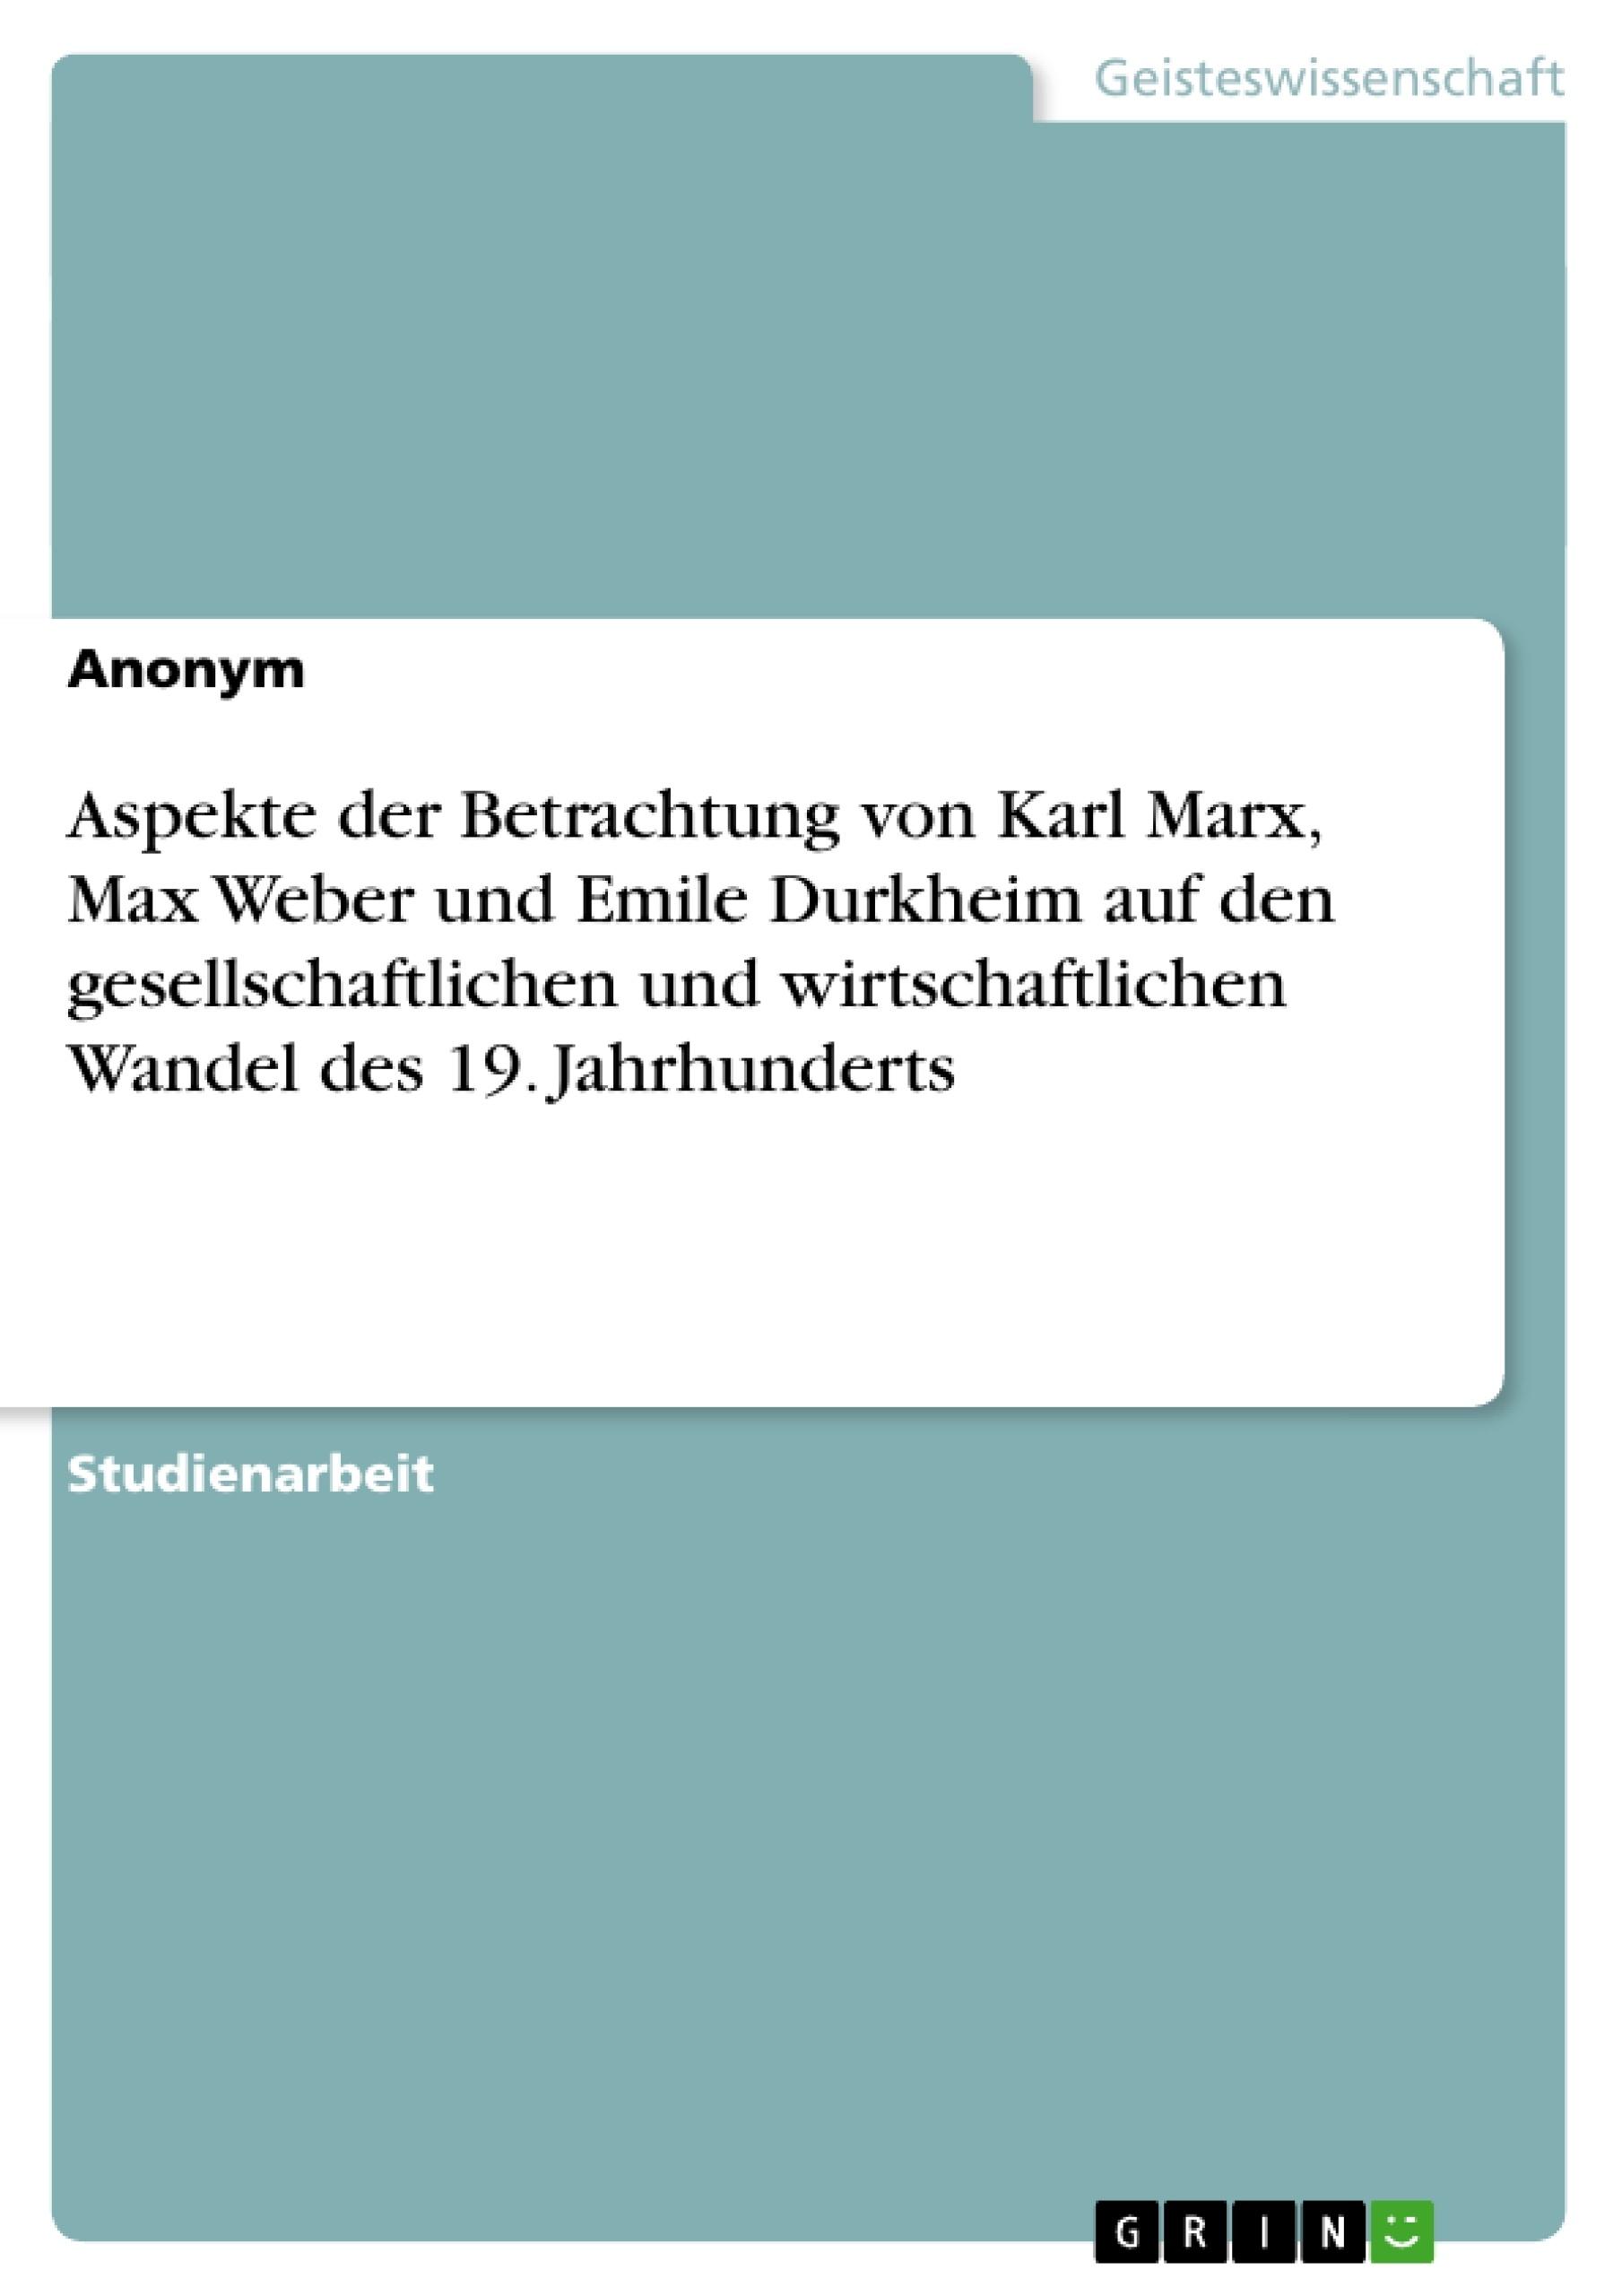 Titel: Aspekte der Betrachtung von Karl Marx, Max Weber und Emile Durkheim auf den gesellschaftlichen und wirtschaftlichen Wandel des 19. Jahrhunderts